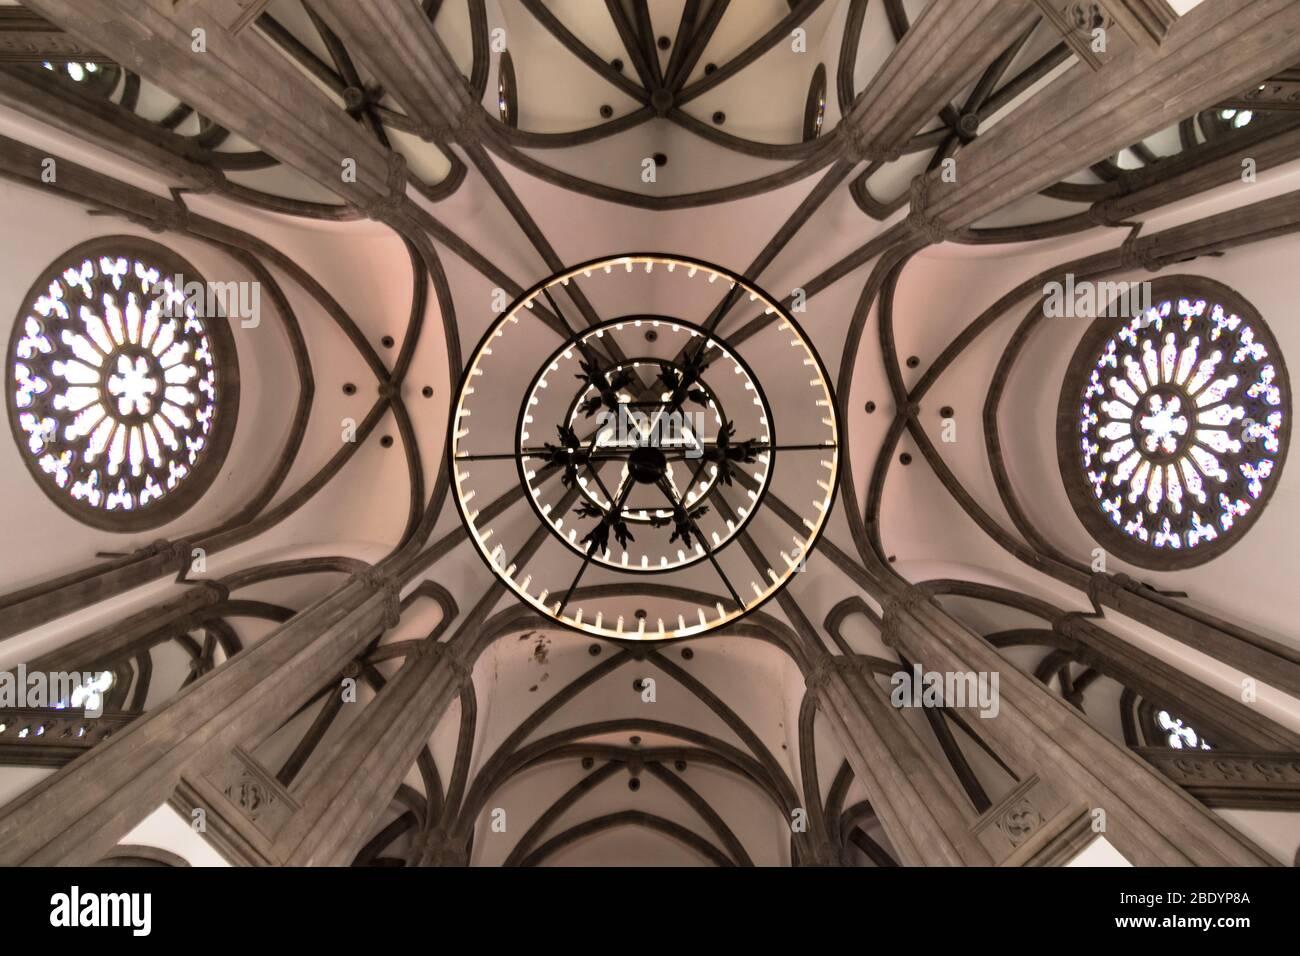 Techo de una iglesia con arcadas, ventanas de rosas y una lámpara de vela colgante. Concepto de religión Foto de stock